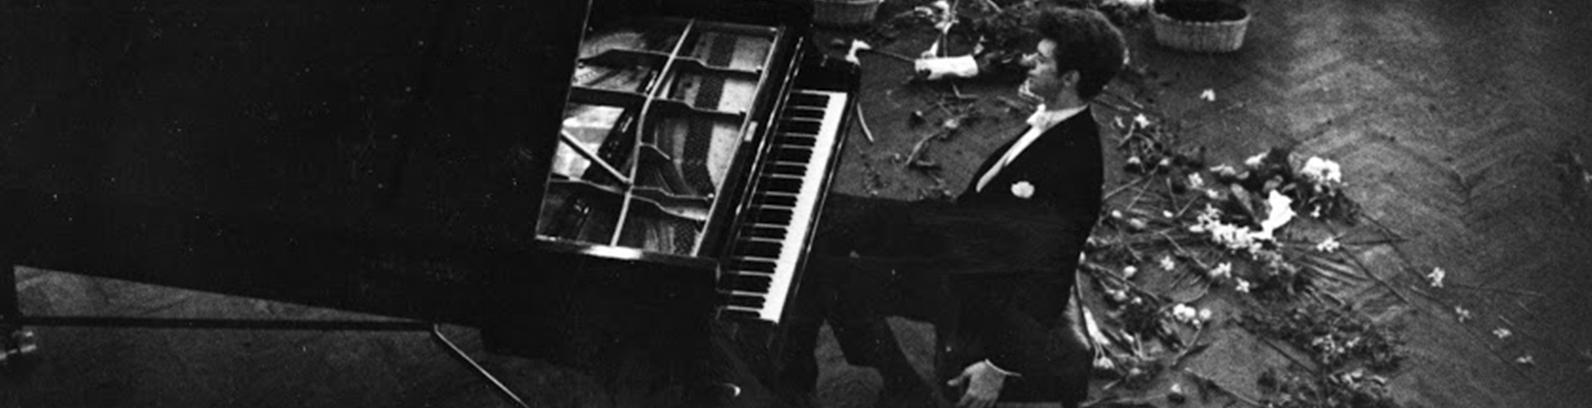 Van Cliburn: A Portrait